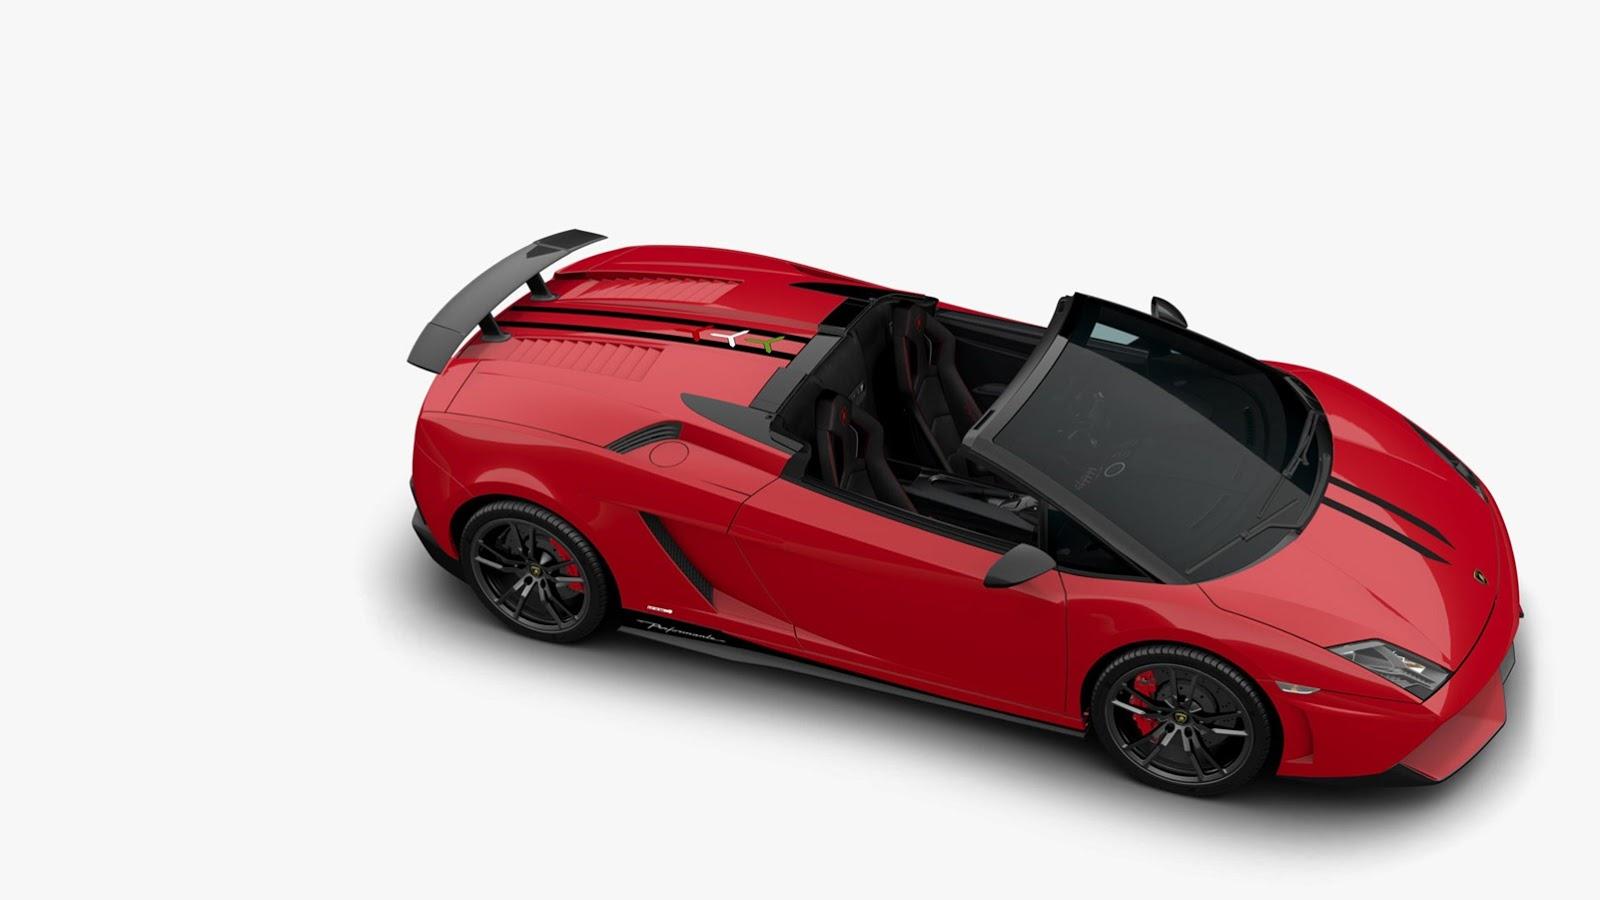 Lamborghini_Gallardo_Performante_Edizione_Tecnica_Side